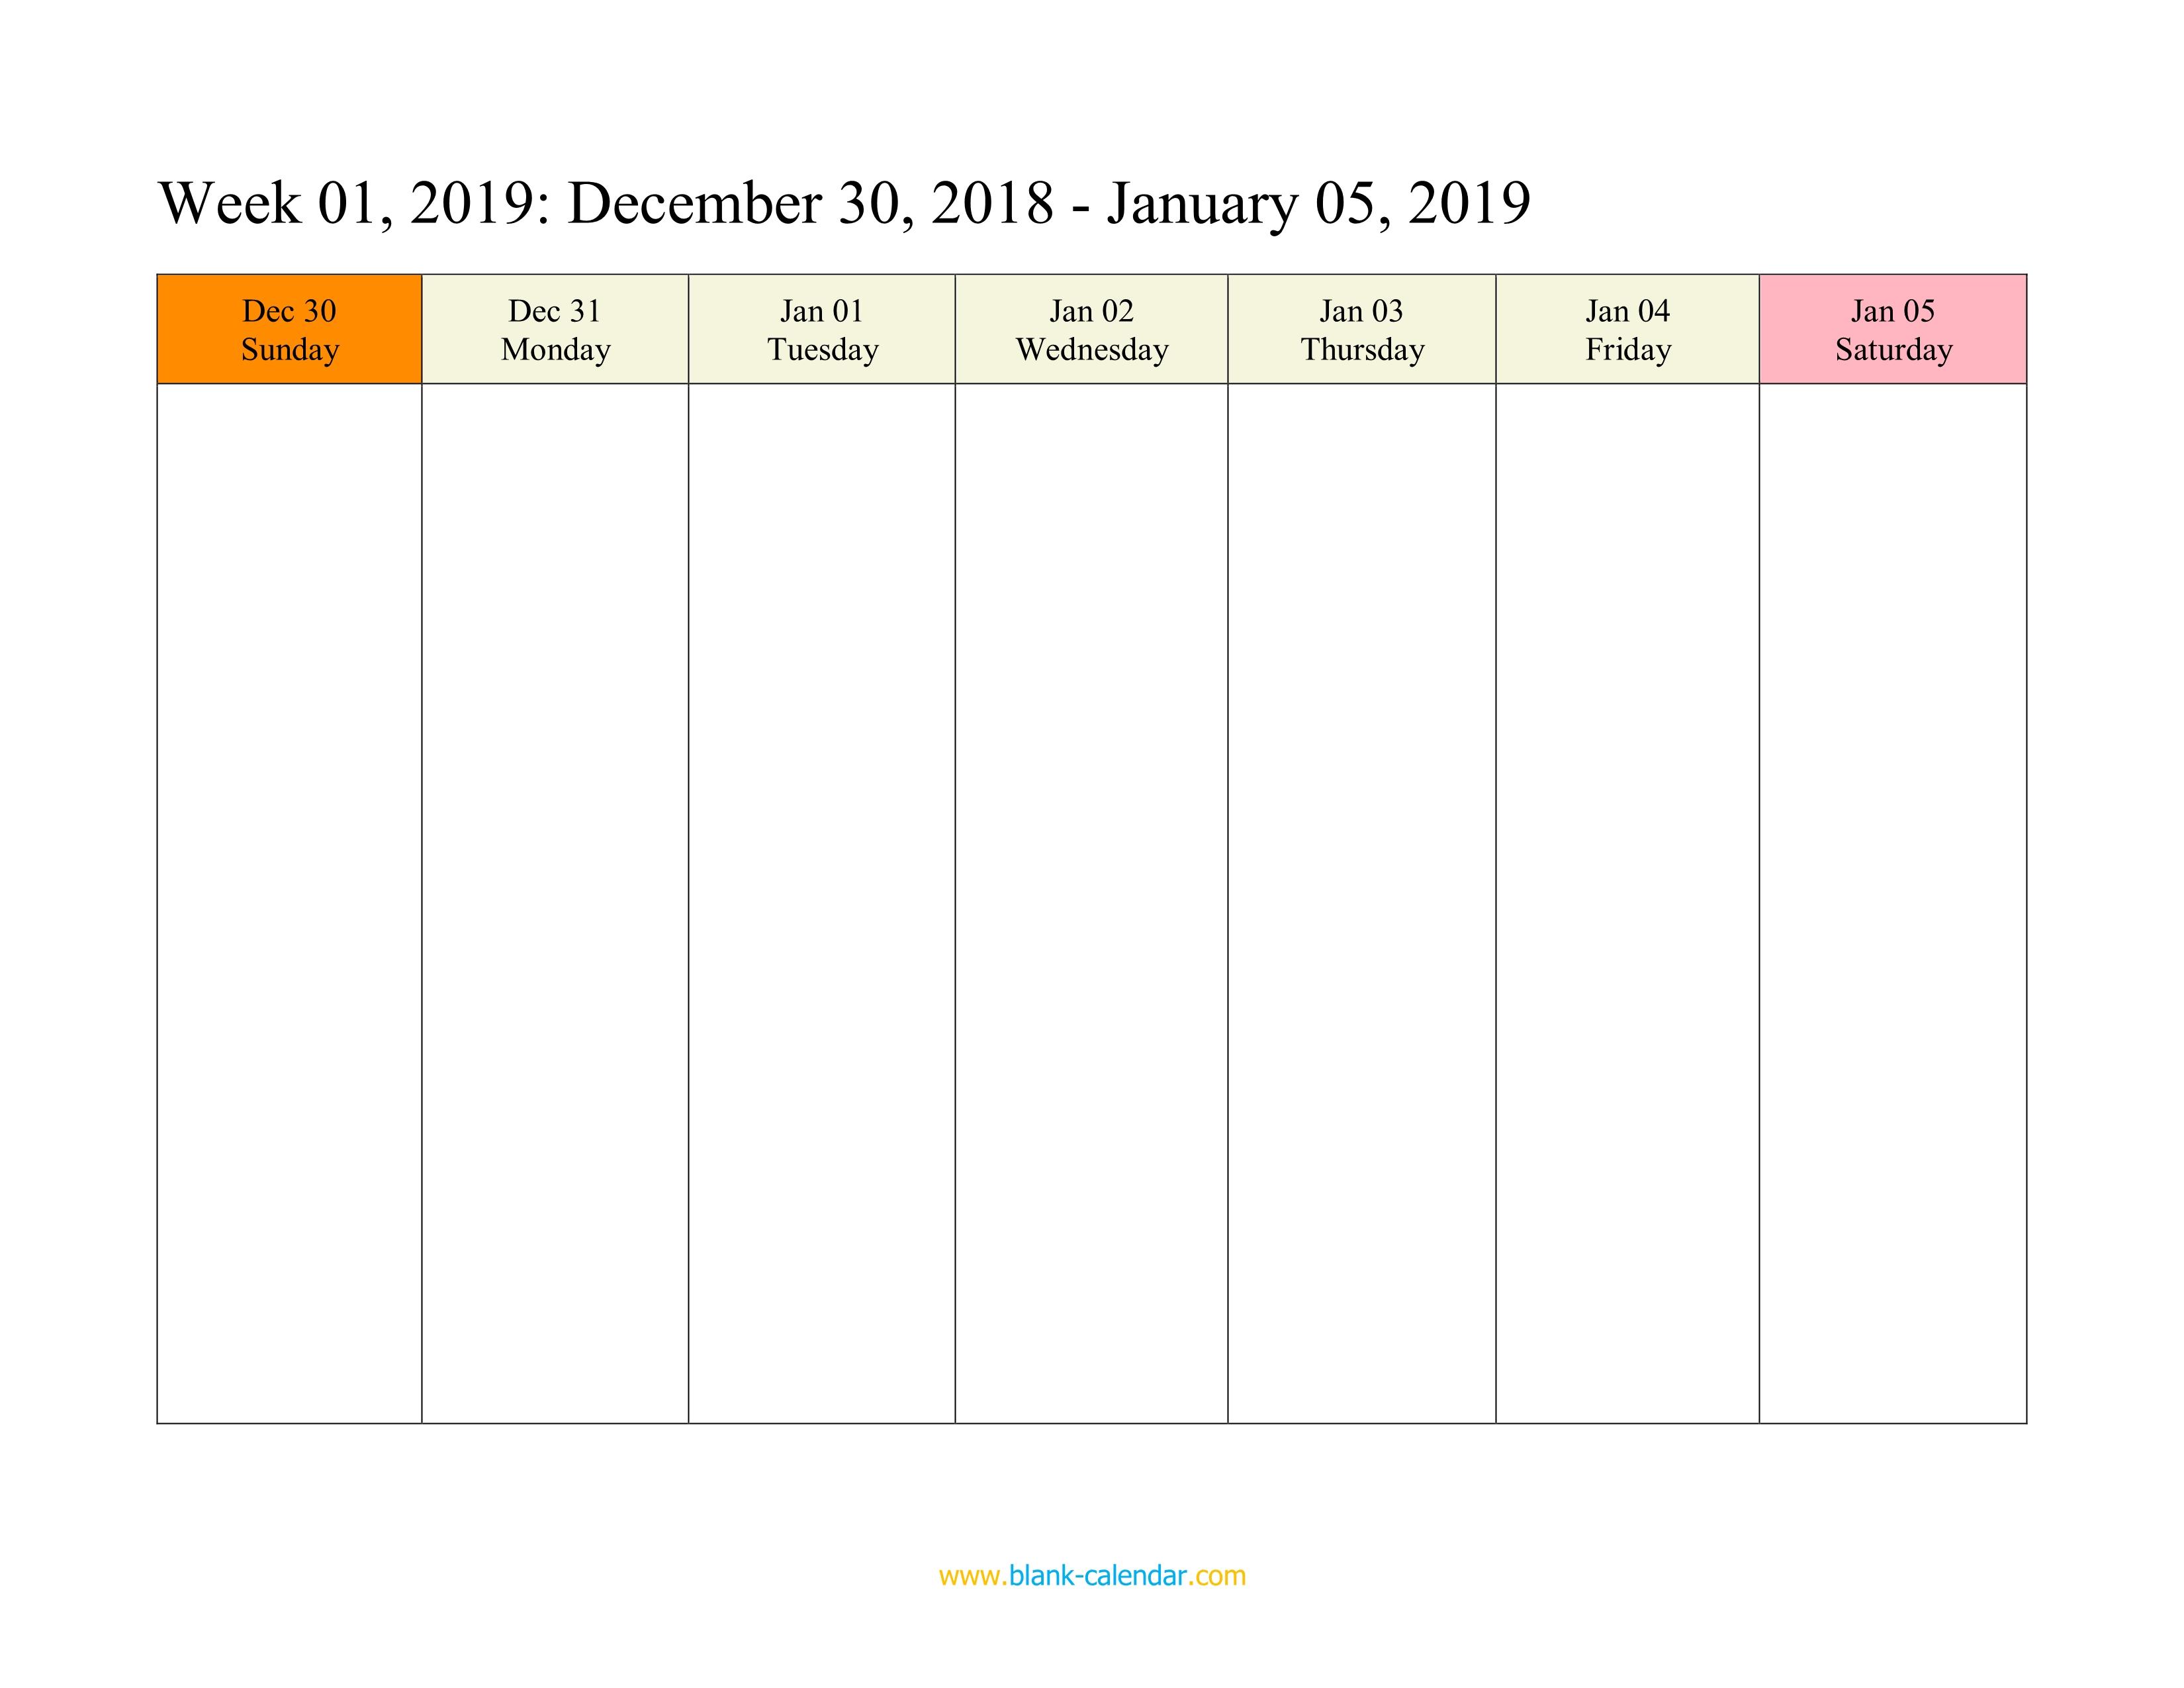 Weekly Calendar 2019 (Word, Excel, Pdf) regarding Weekly Blank Calendar Printable Pdf